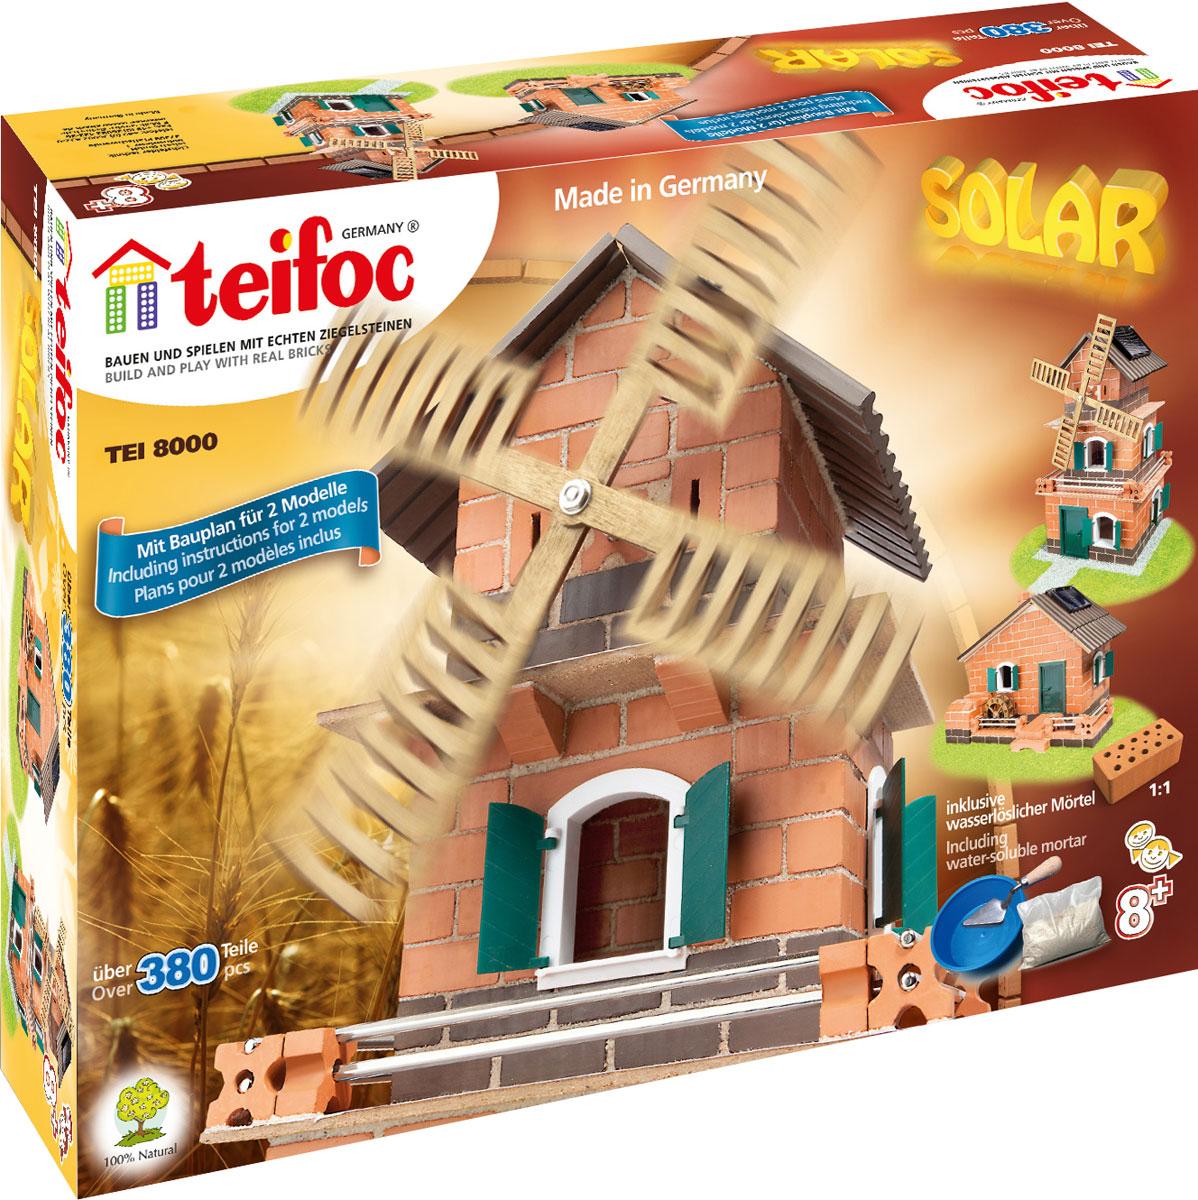 Teifoc Строительный набор Ветряная мельница TEI 8000